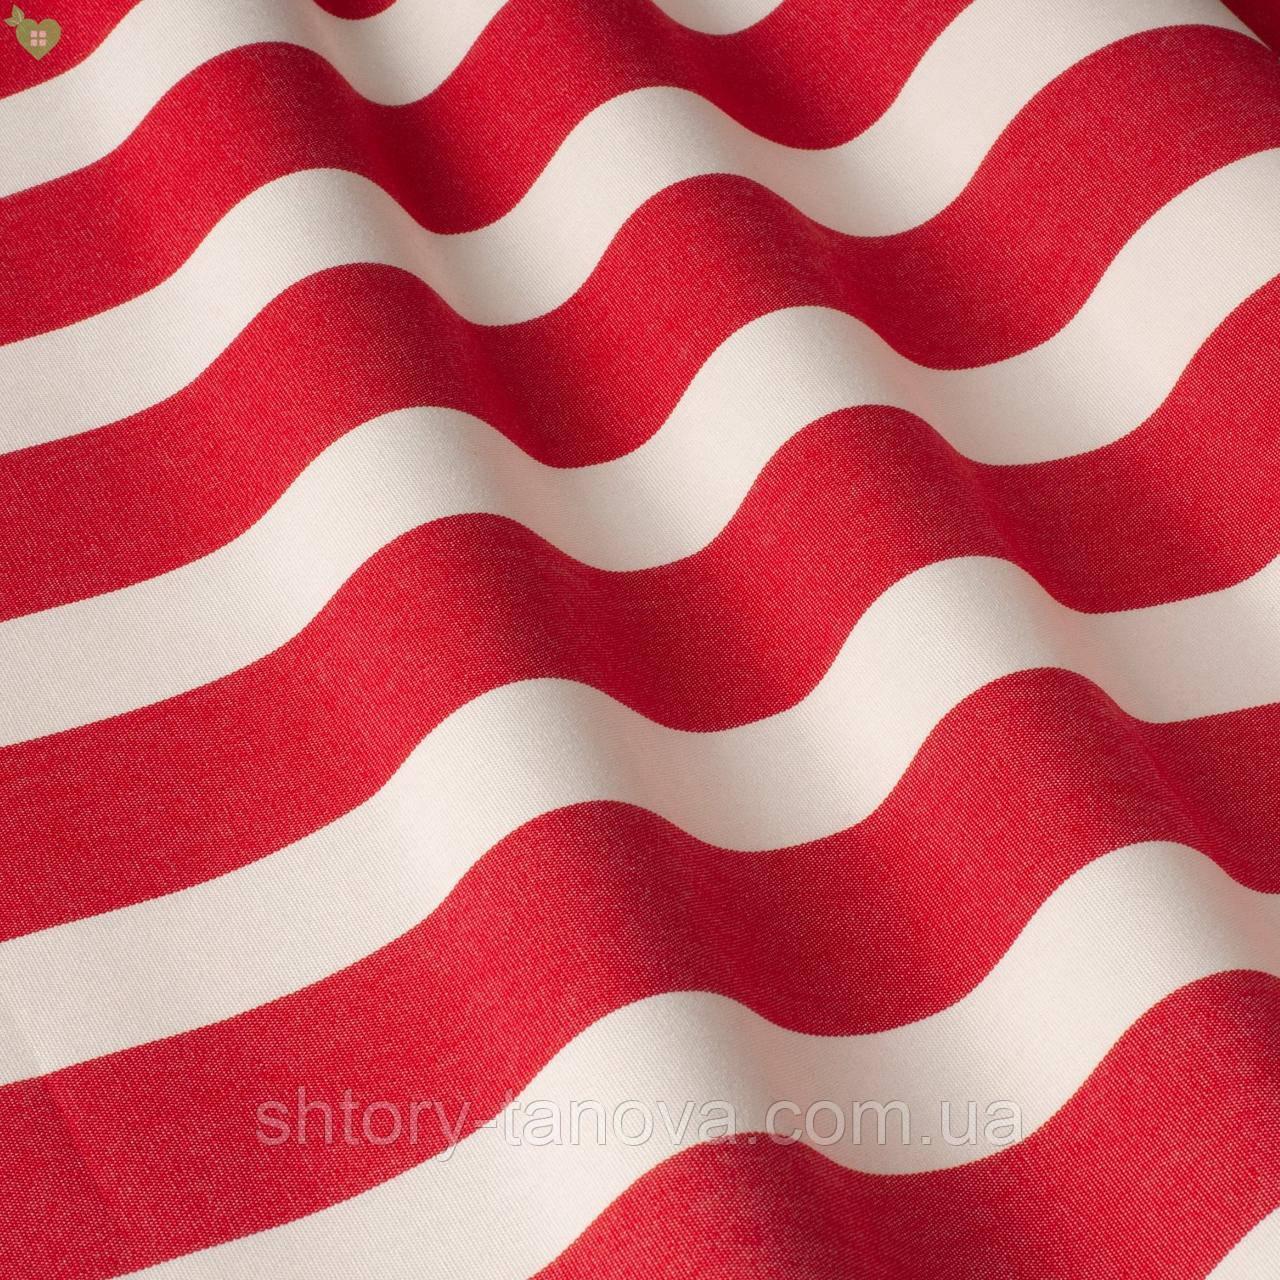 Вулична декоративна тканина для штор на веранду дачі в смужку червоного і білого кольору